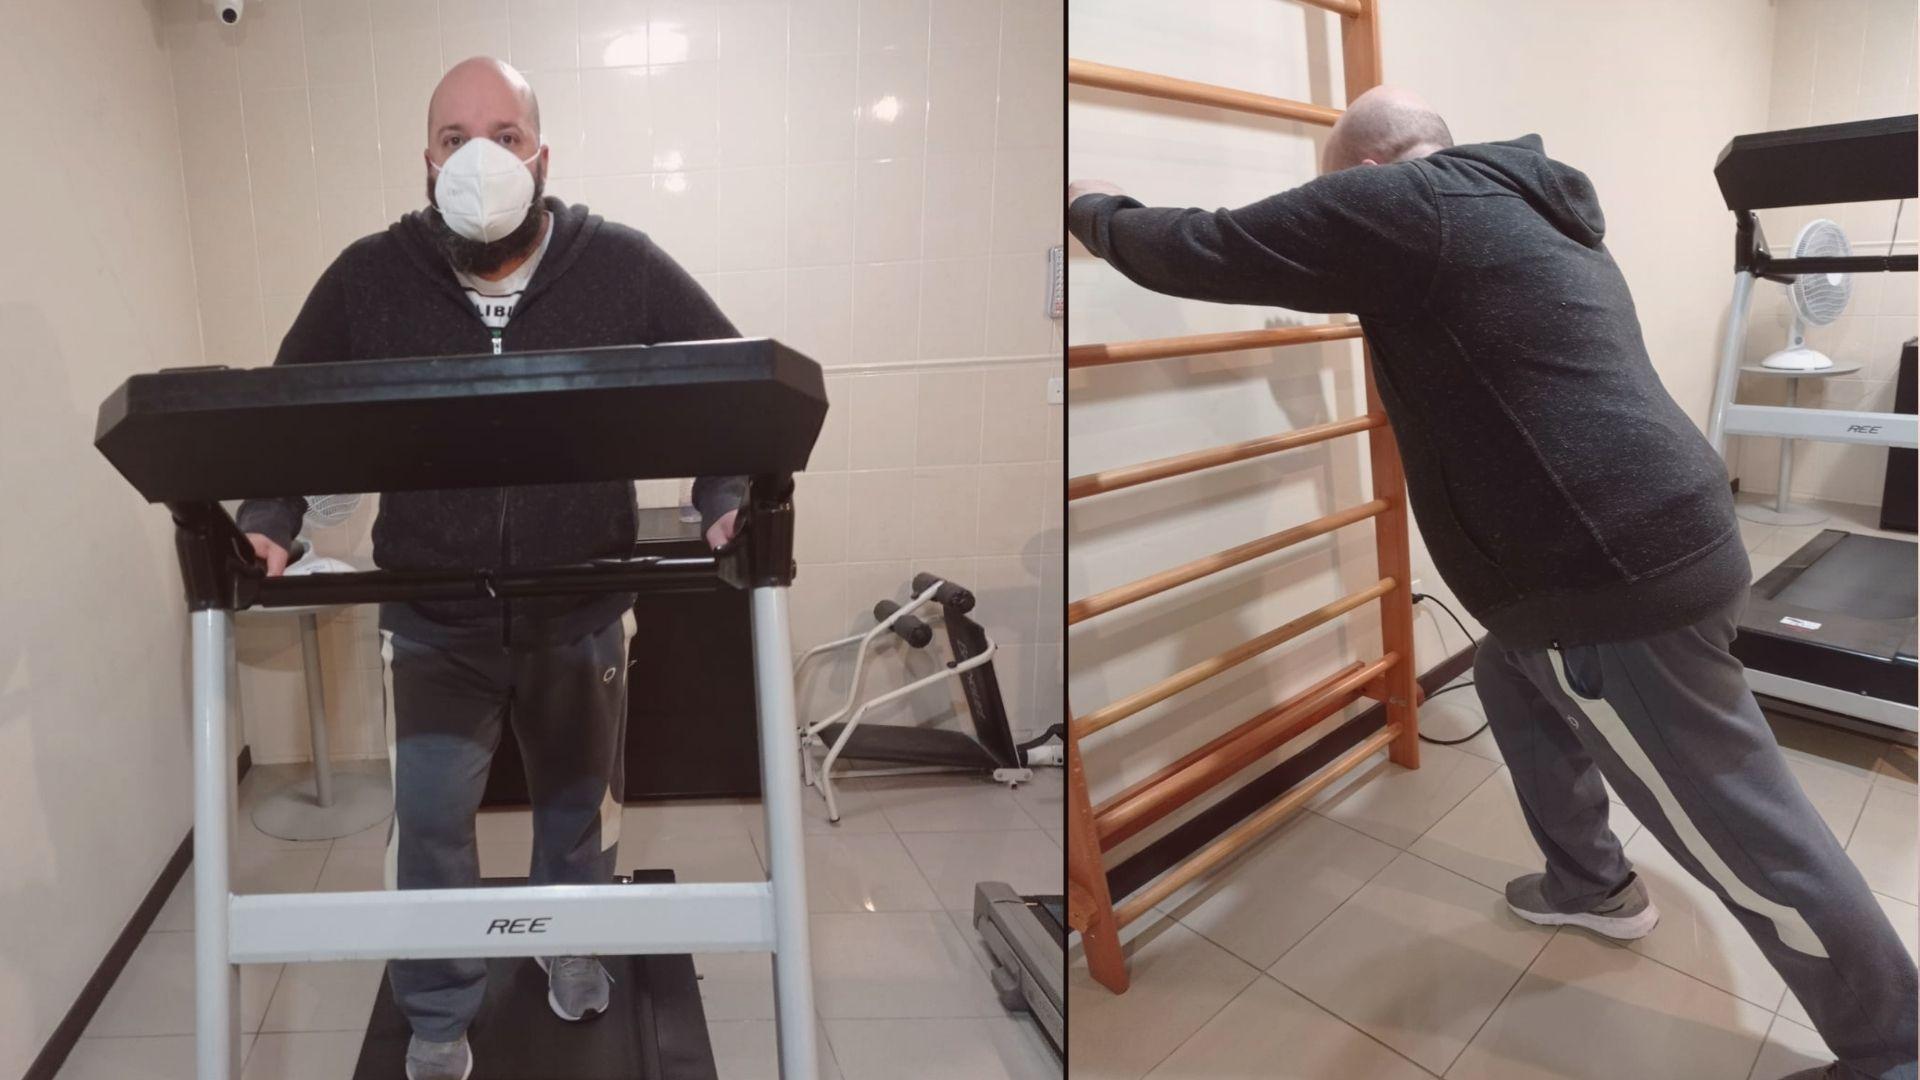 Exercícios físicos passaram a fazer parte da rotina após a superação da Covid-19. Fotos: Arquivo pessoal/Frederico Mont'Alvão